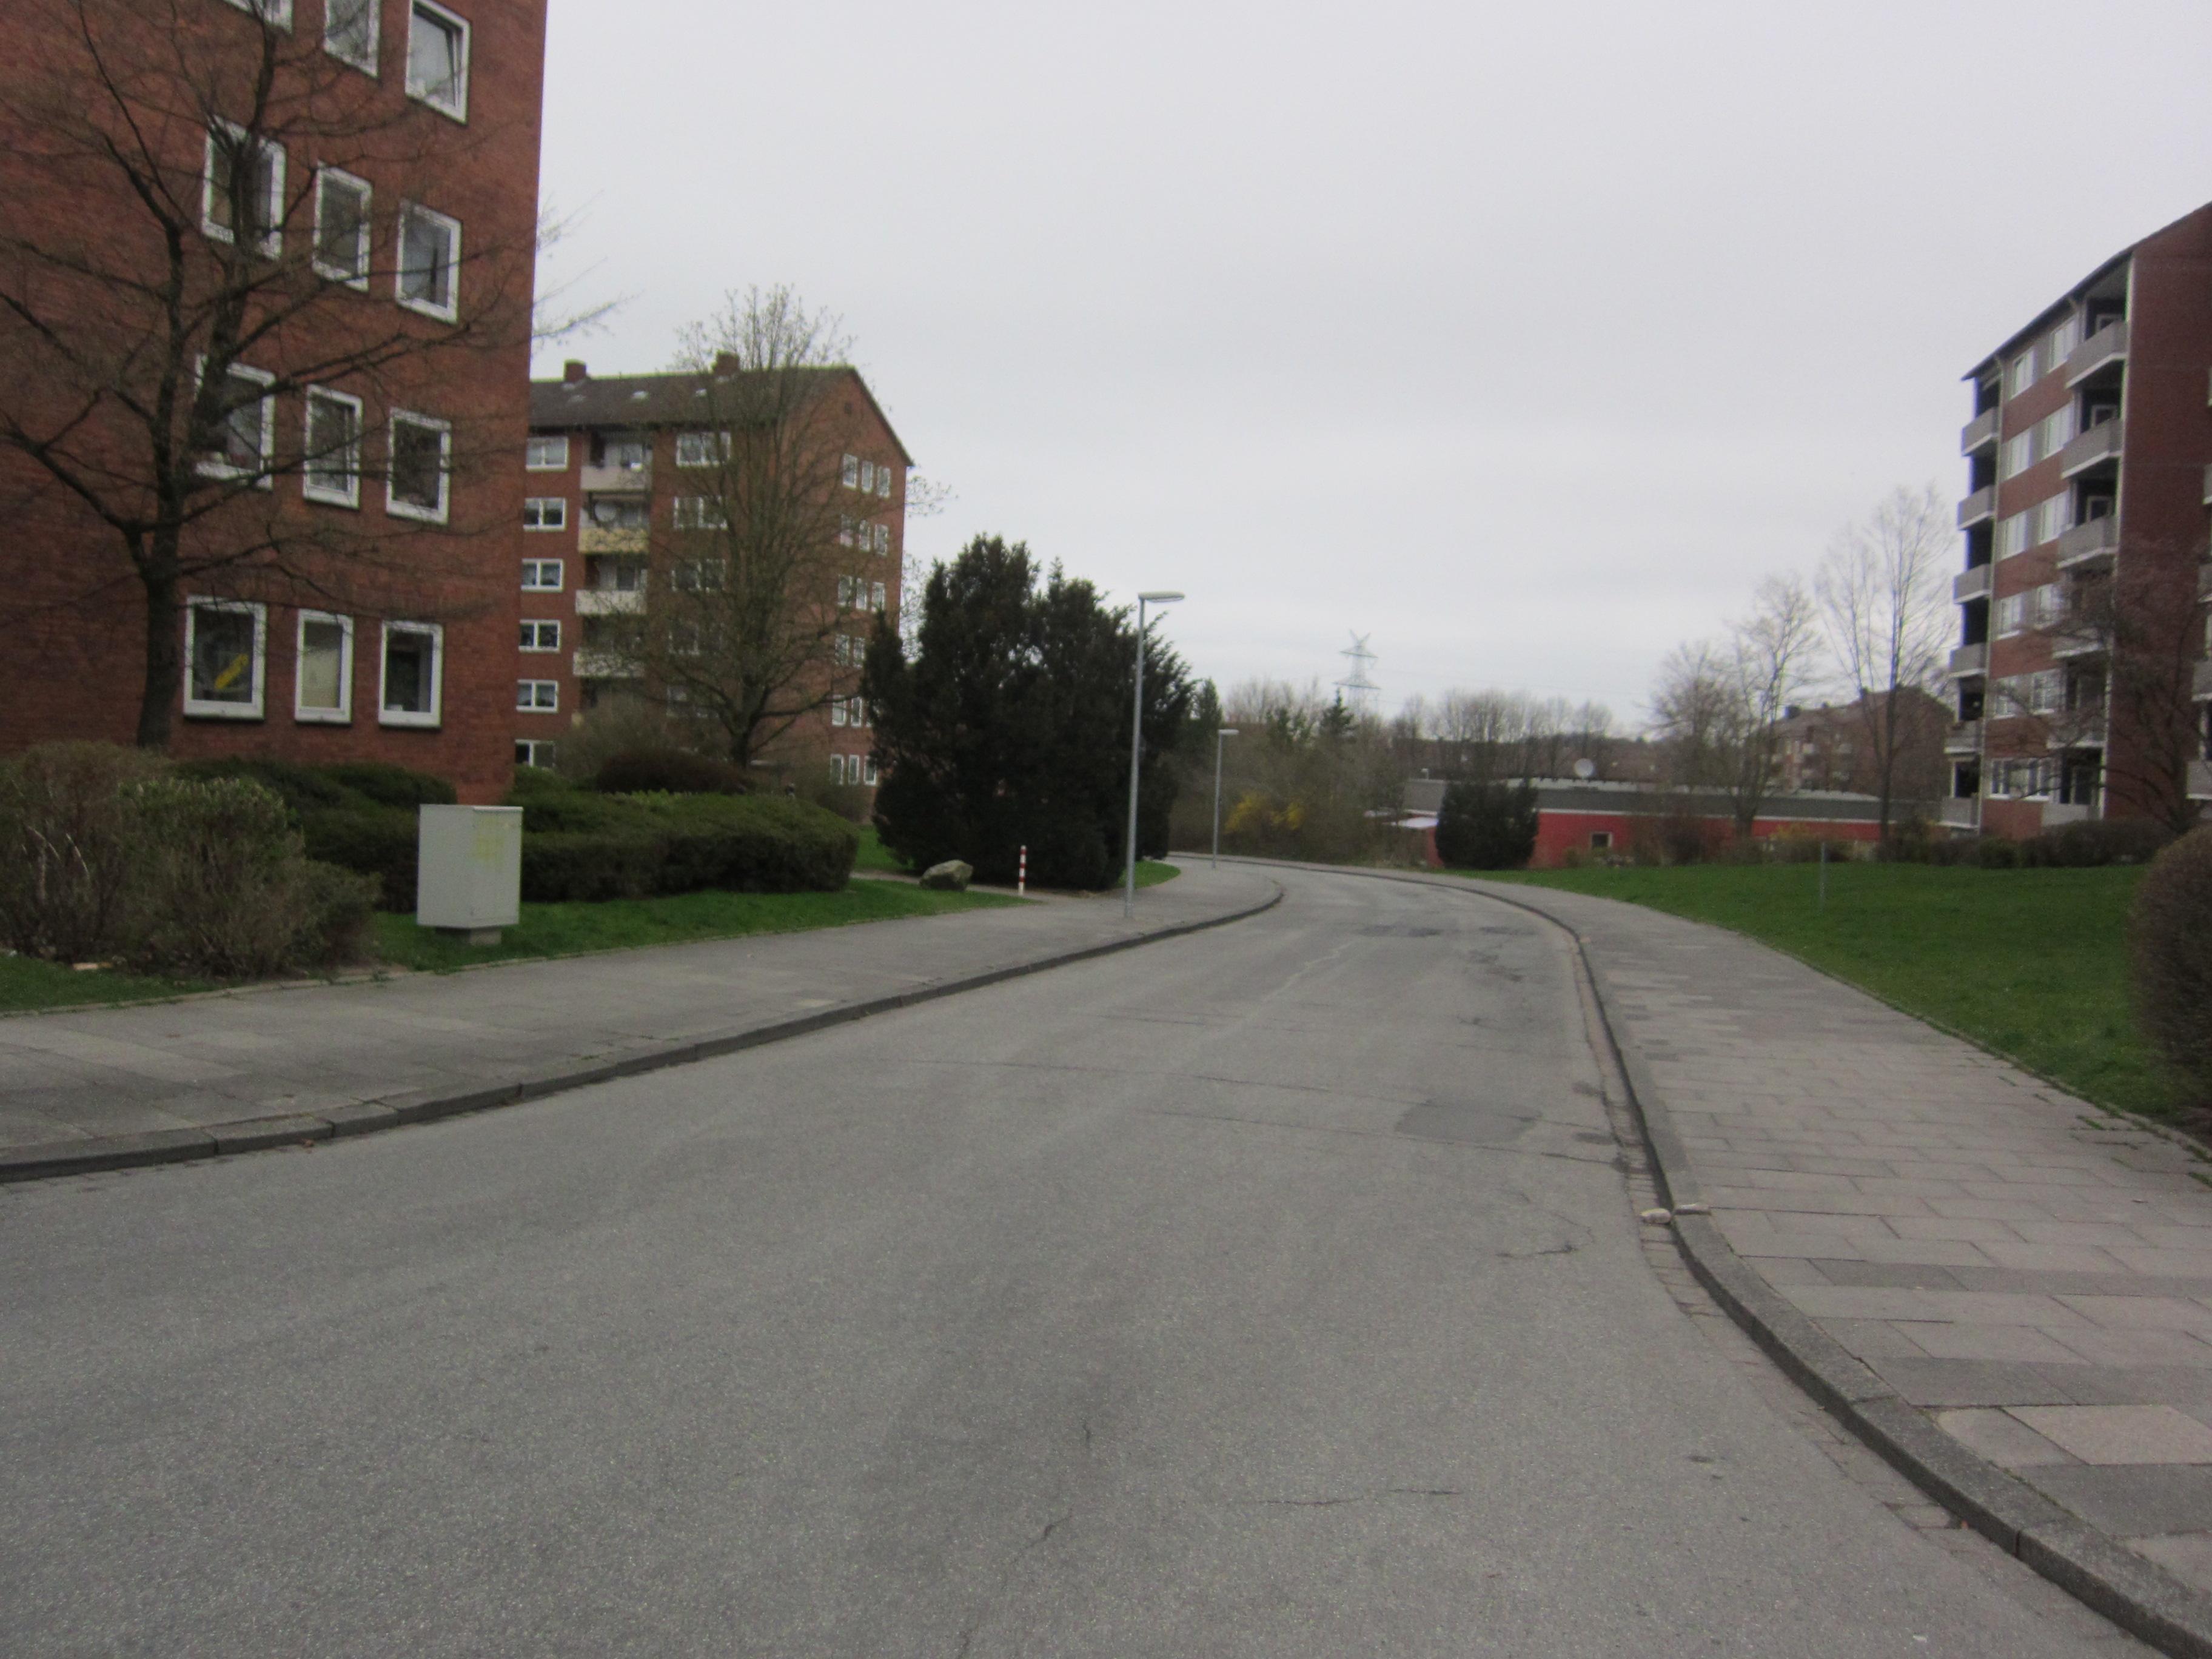 Neumühlen-Dietrichsdorf